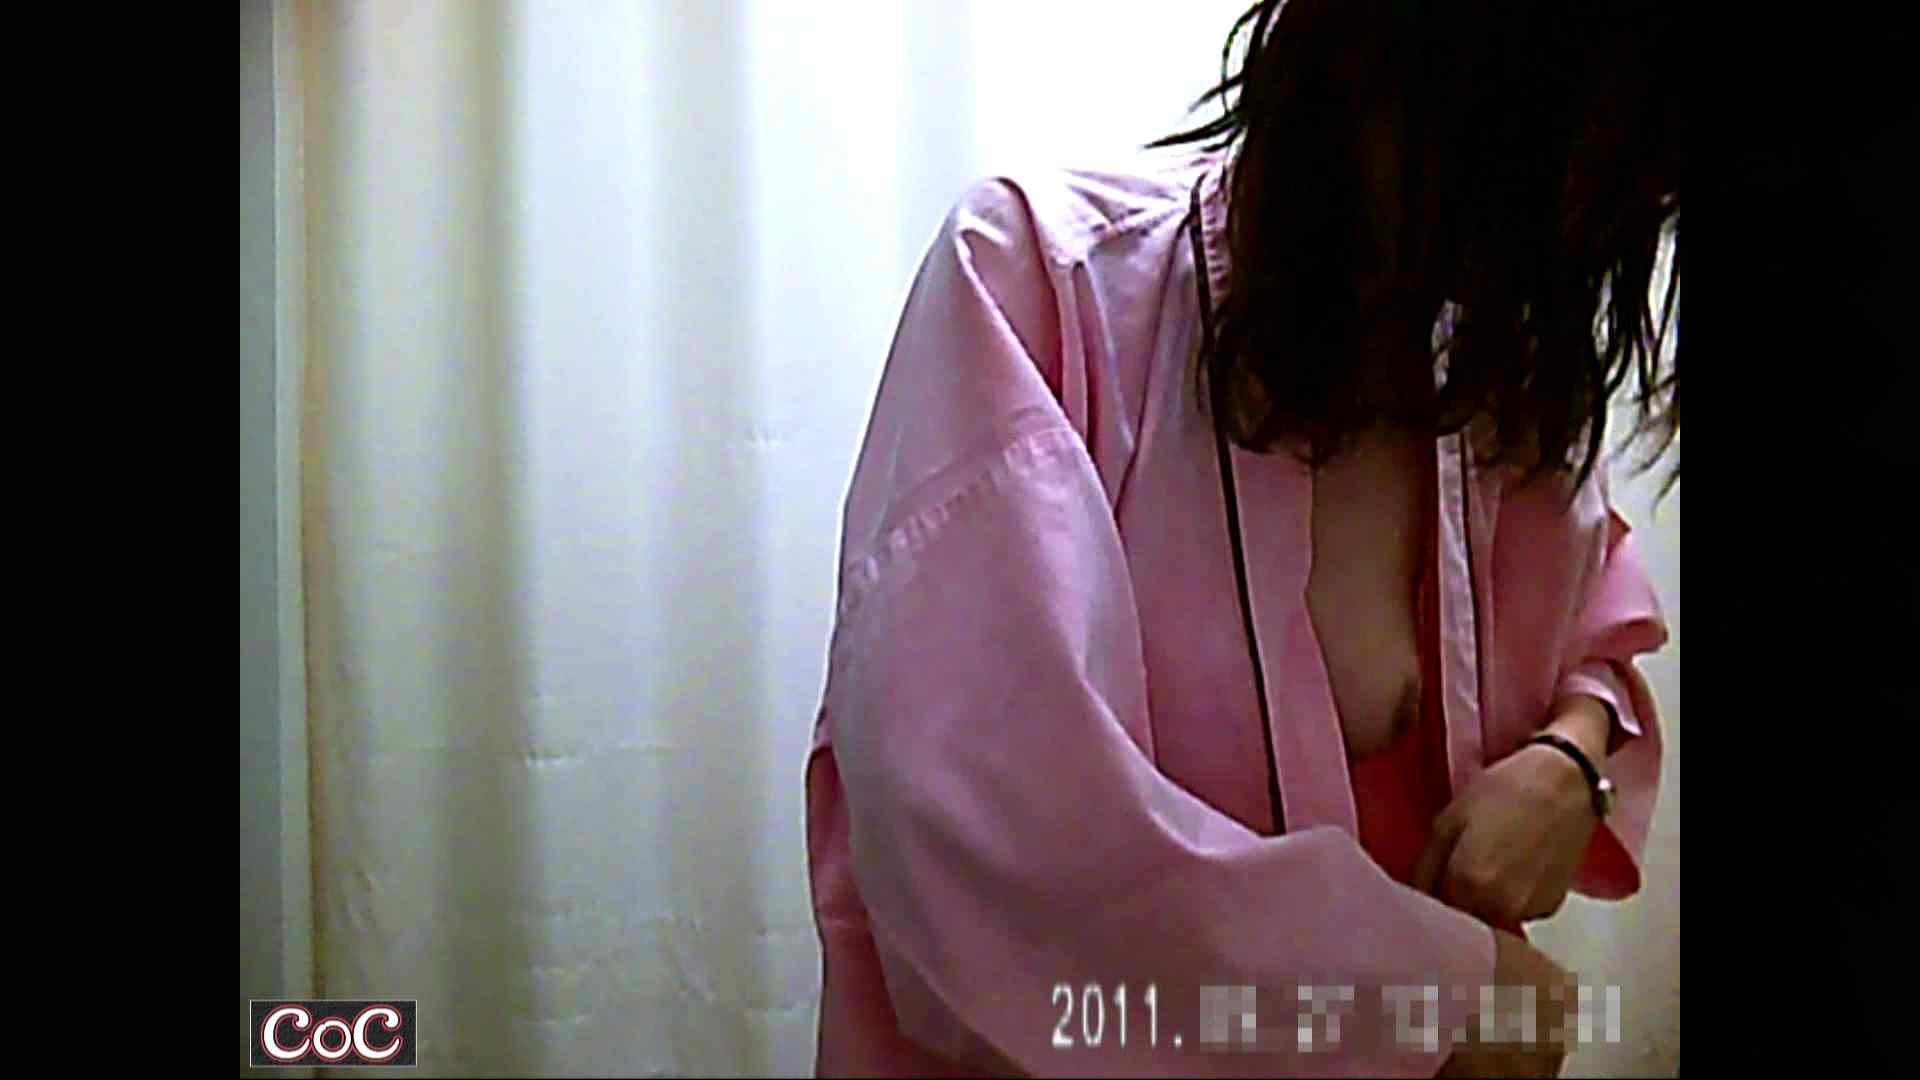 病院おもいっきり着替え! vol.37 おっぱい のぞき濡れ場動画紹介 74画像 60